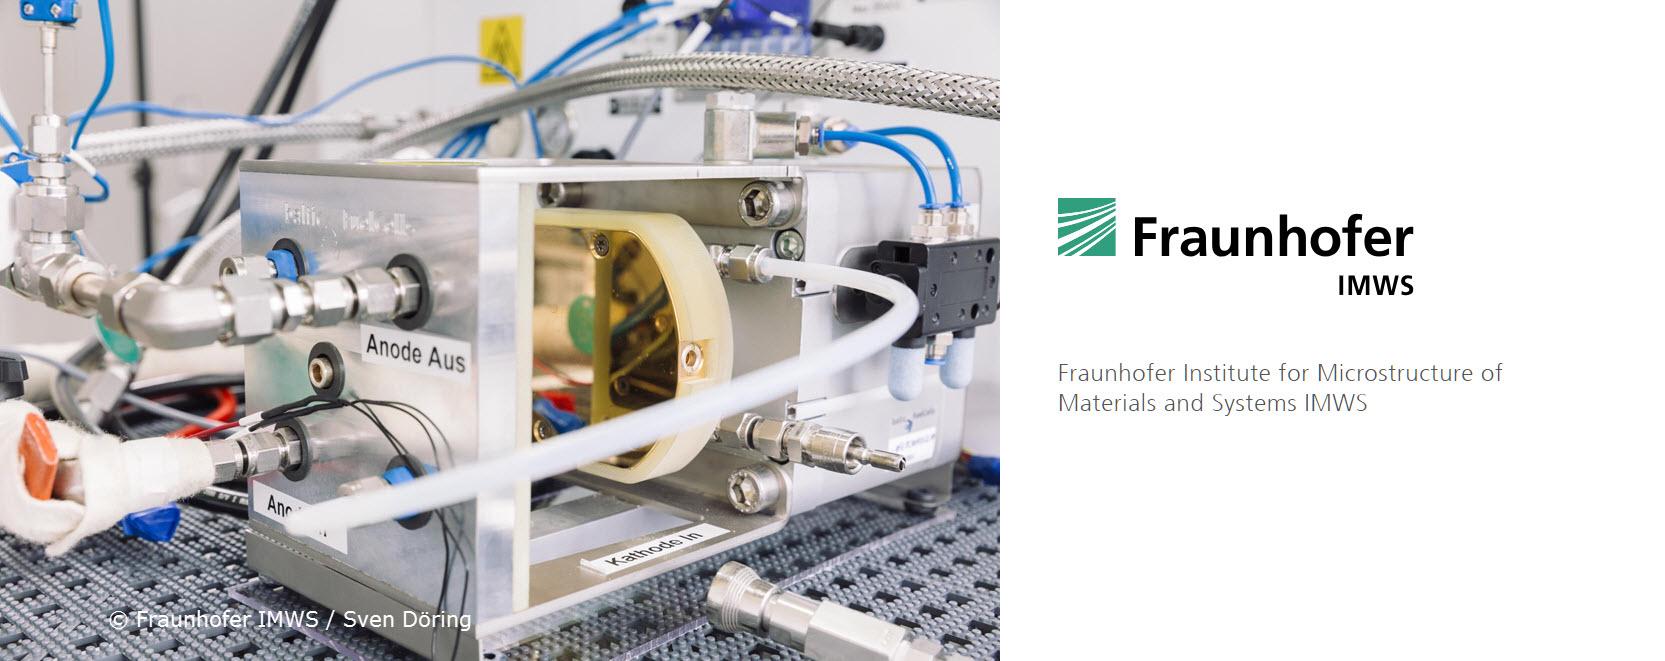 Fraunhofer IMWS